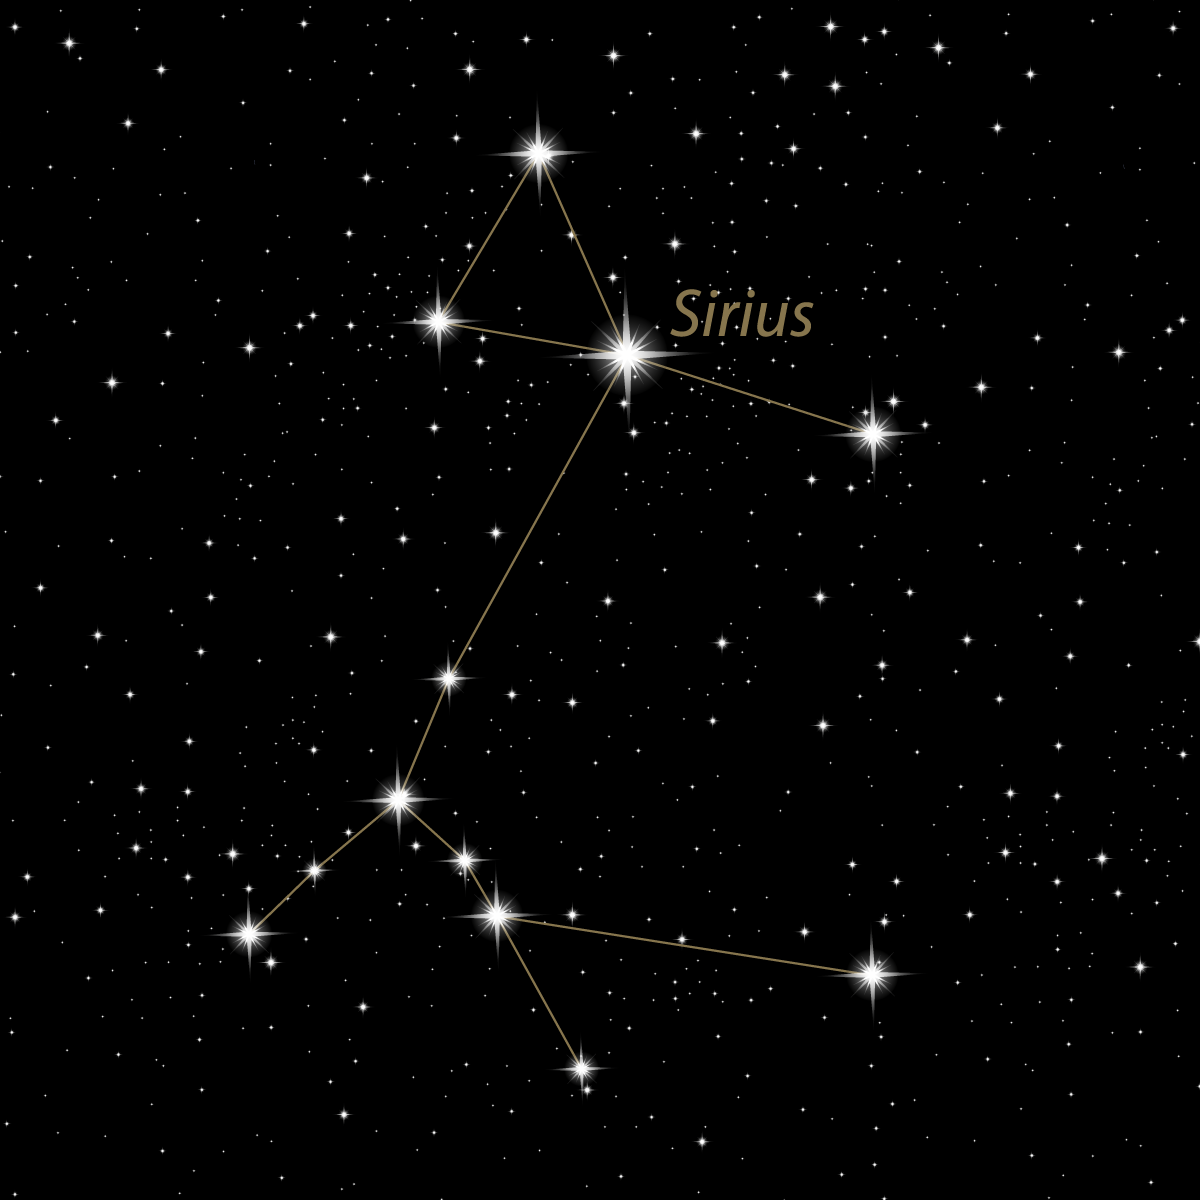 Ozvezdje Sirius